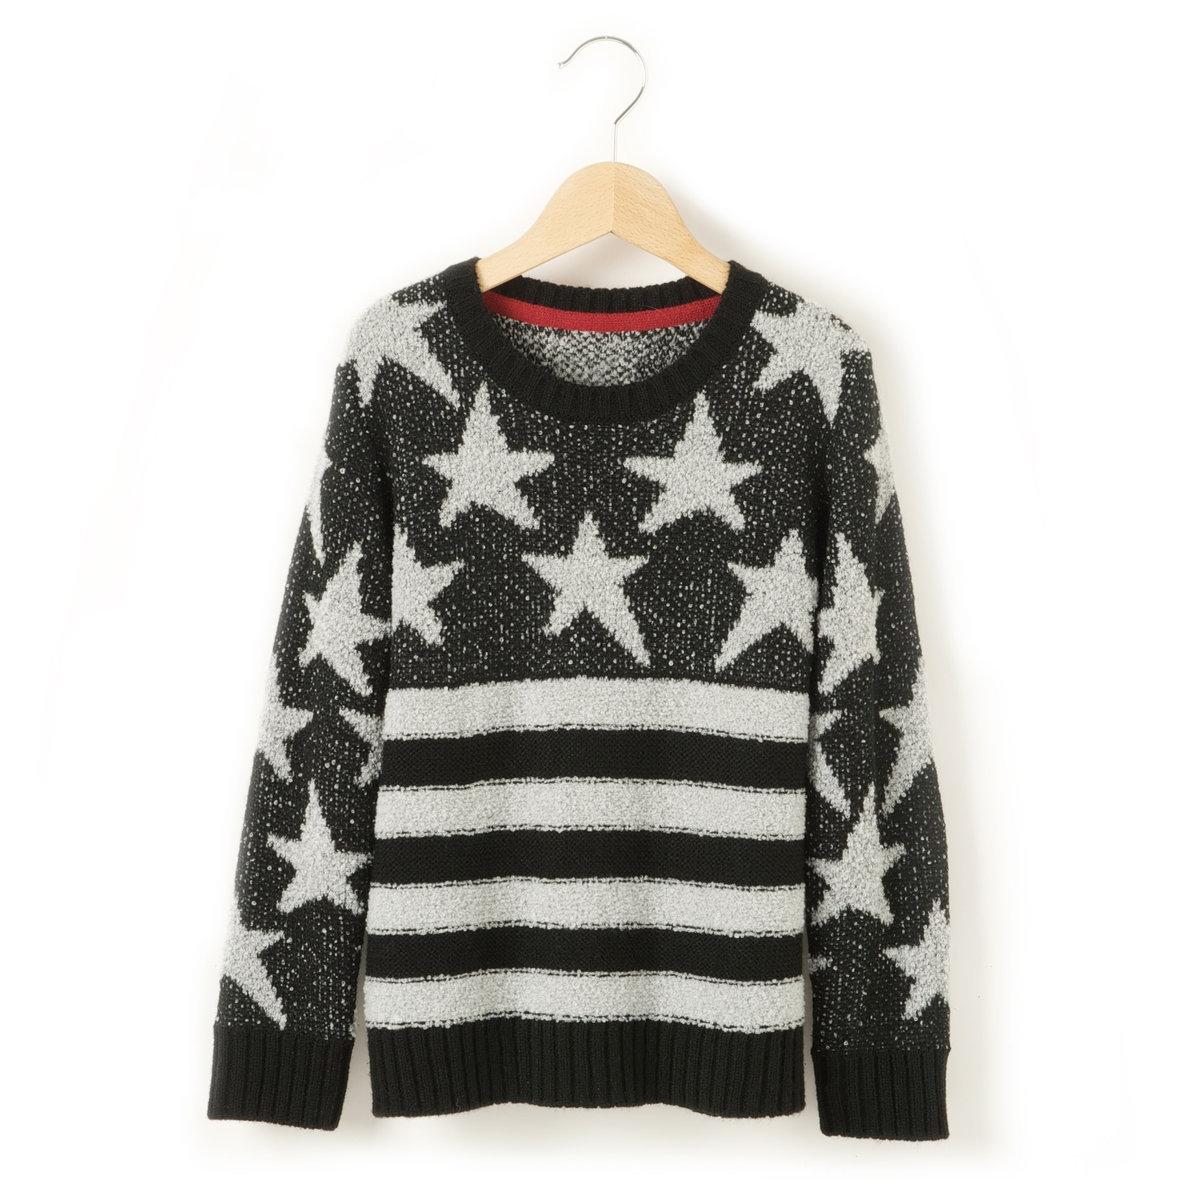 Пуловер с флагом, 3-12 летПуловер с изображением флага США. Трикотаж, 88% акрила, 12% полиамида. Круглый вырез. Края связаны в рубчик.<br><br>Цвет: черный/темно-серый